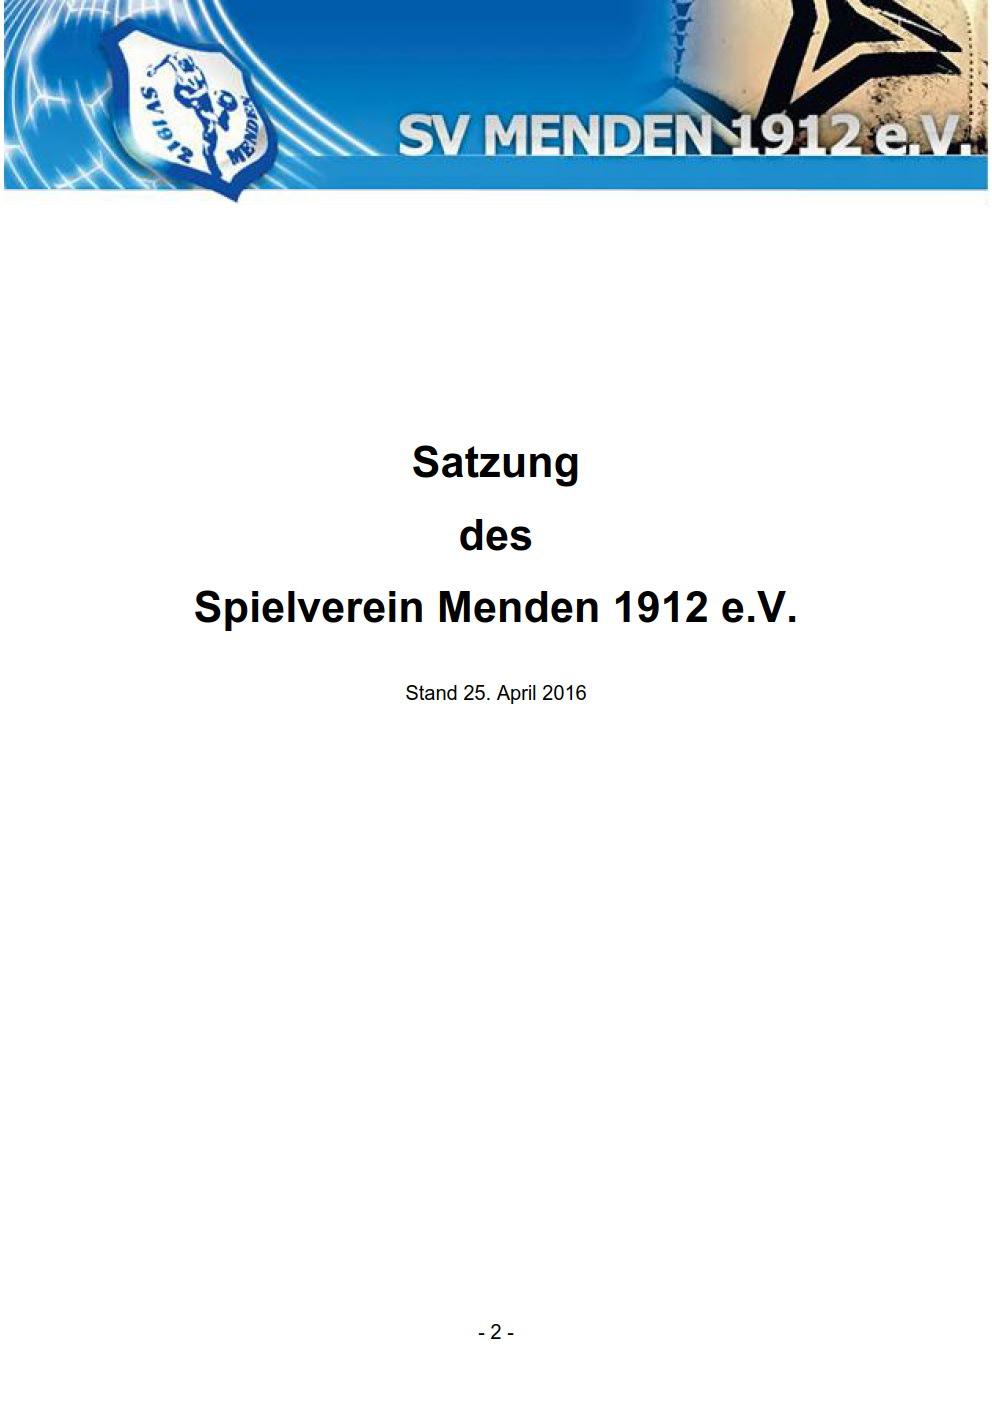 svm_20160425_Satzung_1